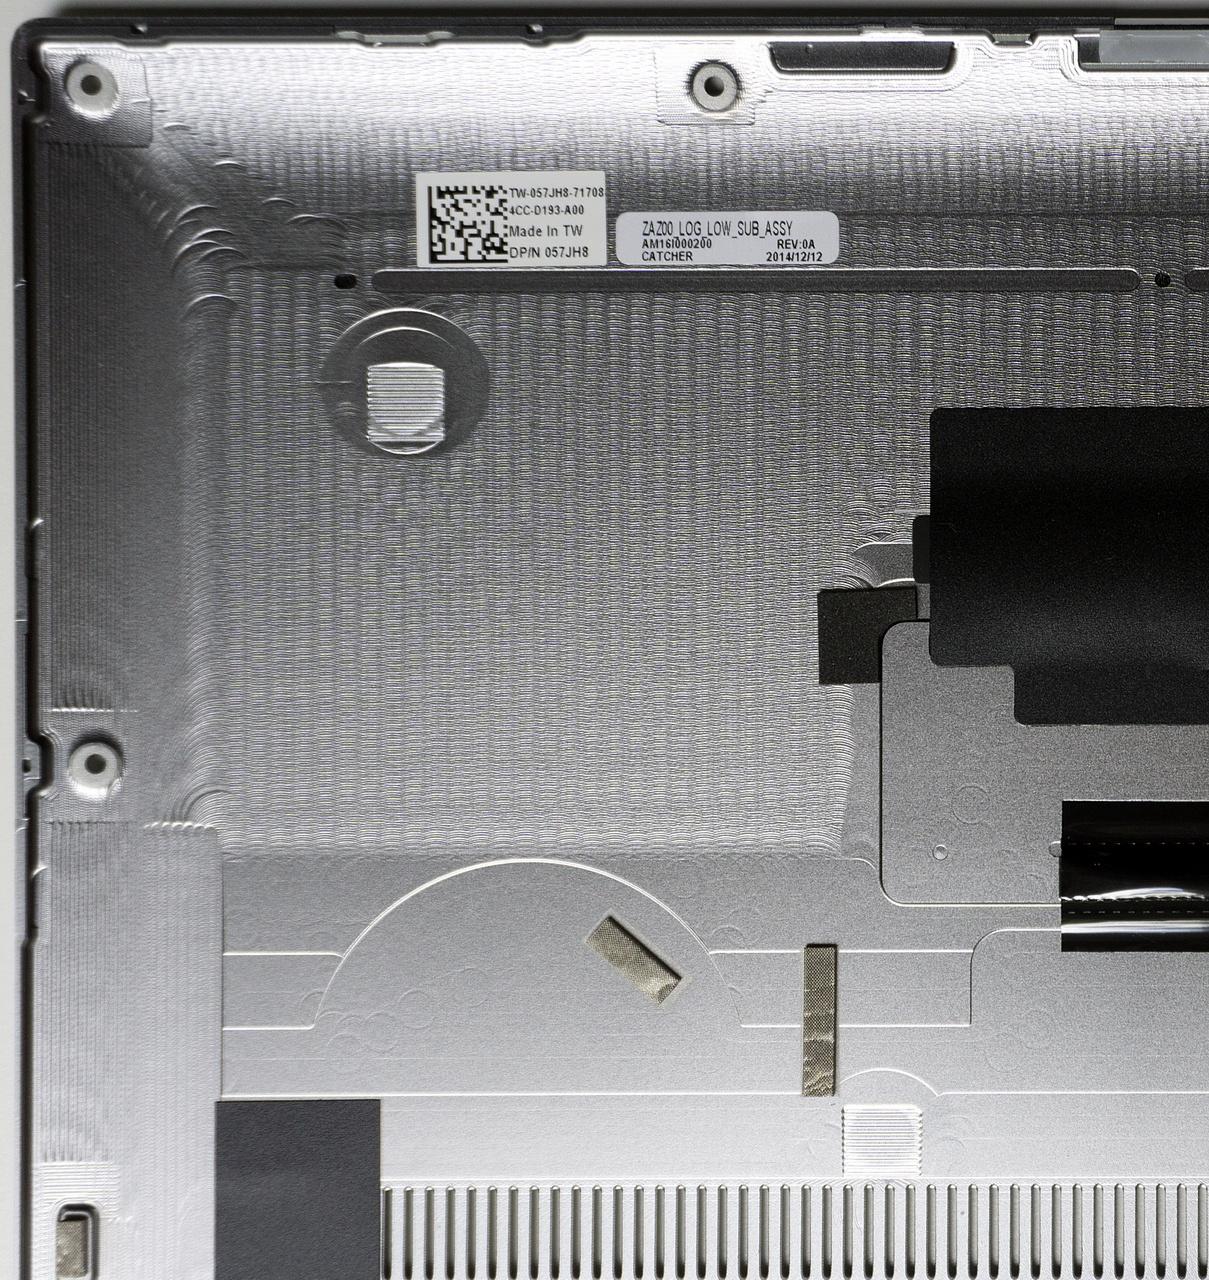 Новый Dell XPS 13: Как уменьшить 13-дюймовый ноутбук с пользой для дела? - 15